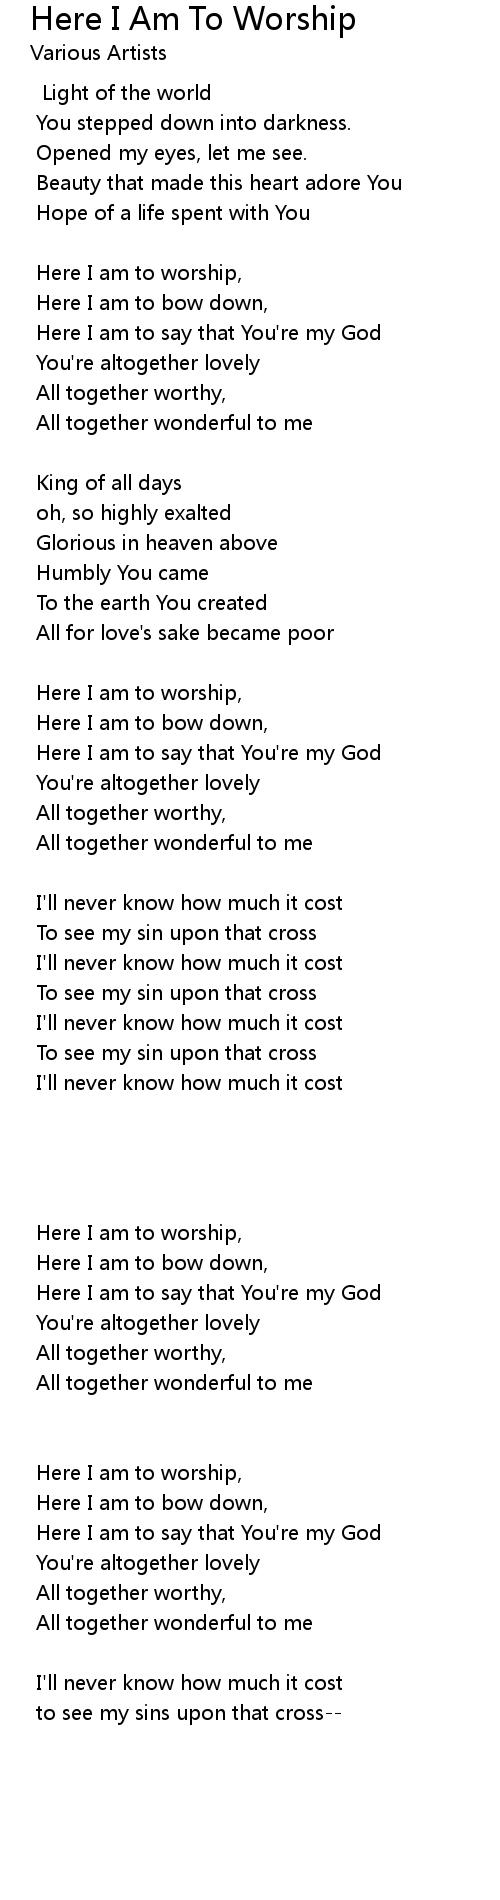 Here I Am To Worship Lyrics Follow Lyrics Ca khúc here i am to worship do ca sĩ hillsong thể hiện, thuộc thể loại âu mỹ khác. follow lyrics